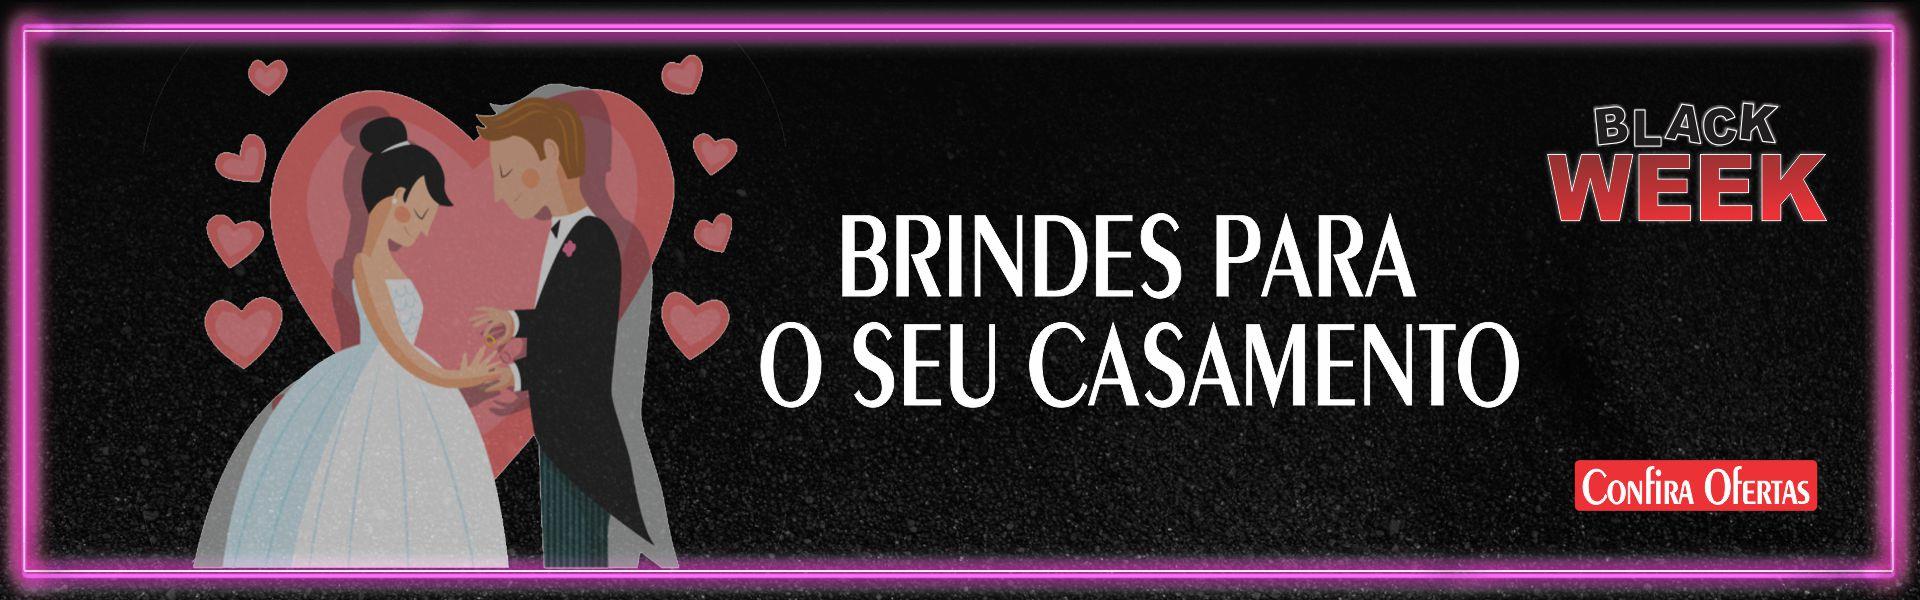 BRINDES PARA O SEU CASAMENTO